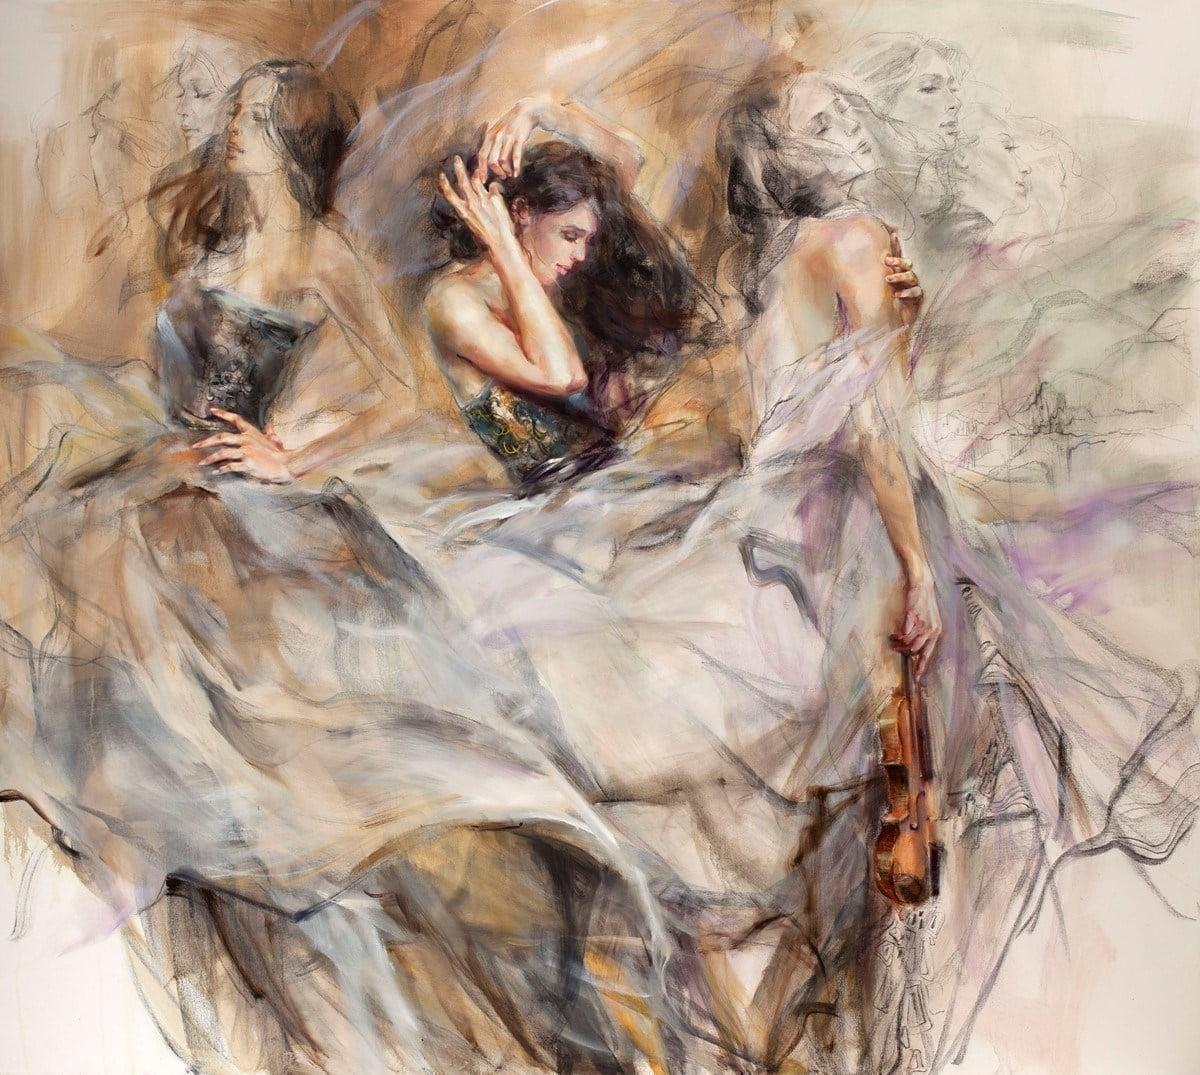 Auburn melody - Females. ~ Anna Razumovskaya